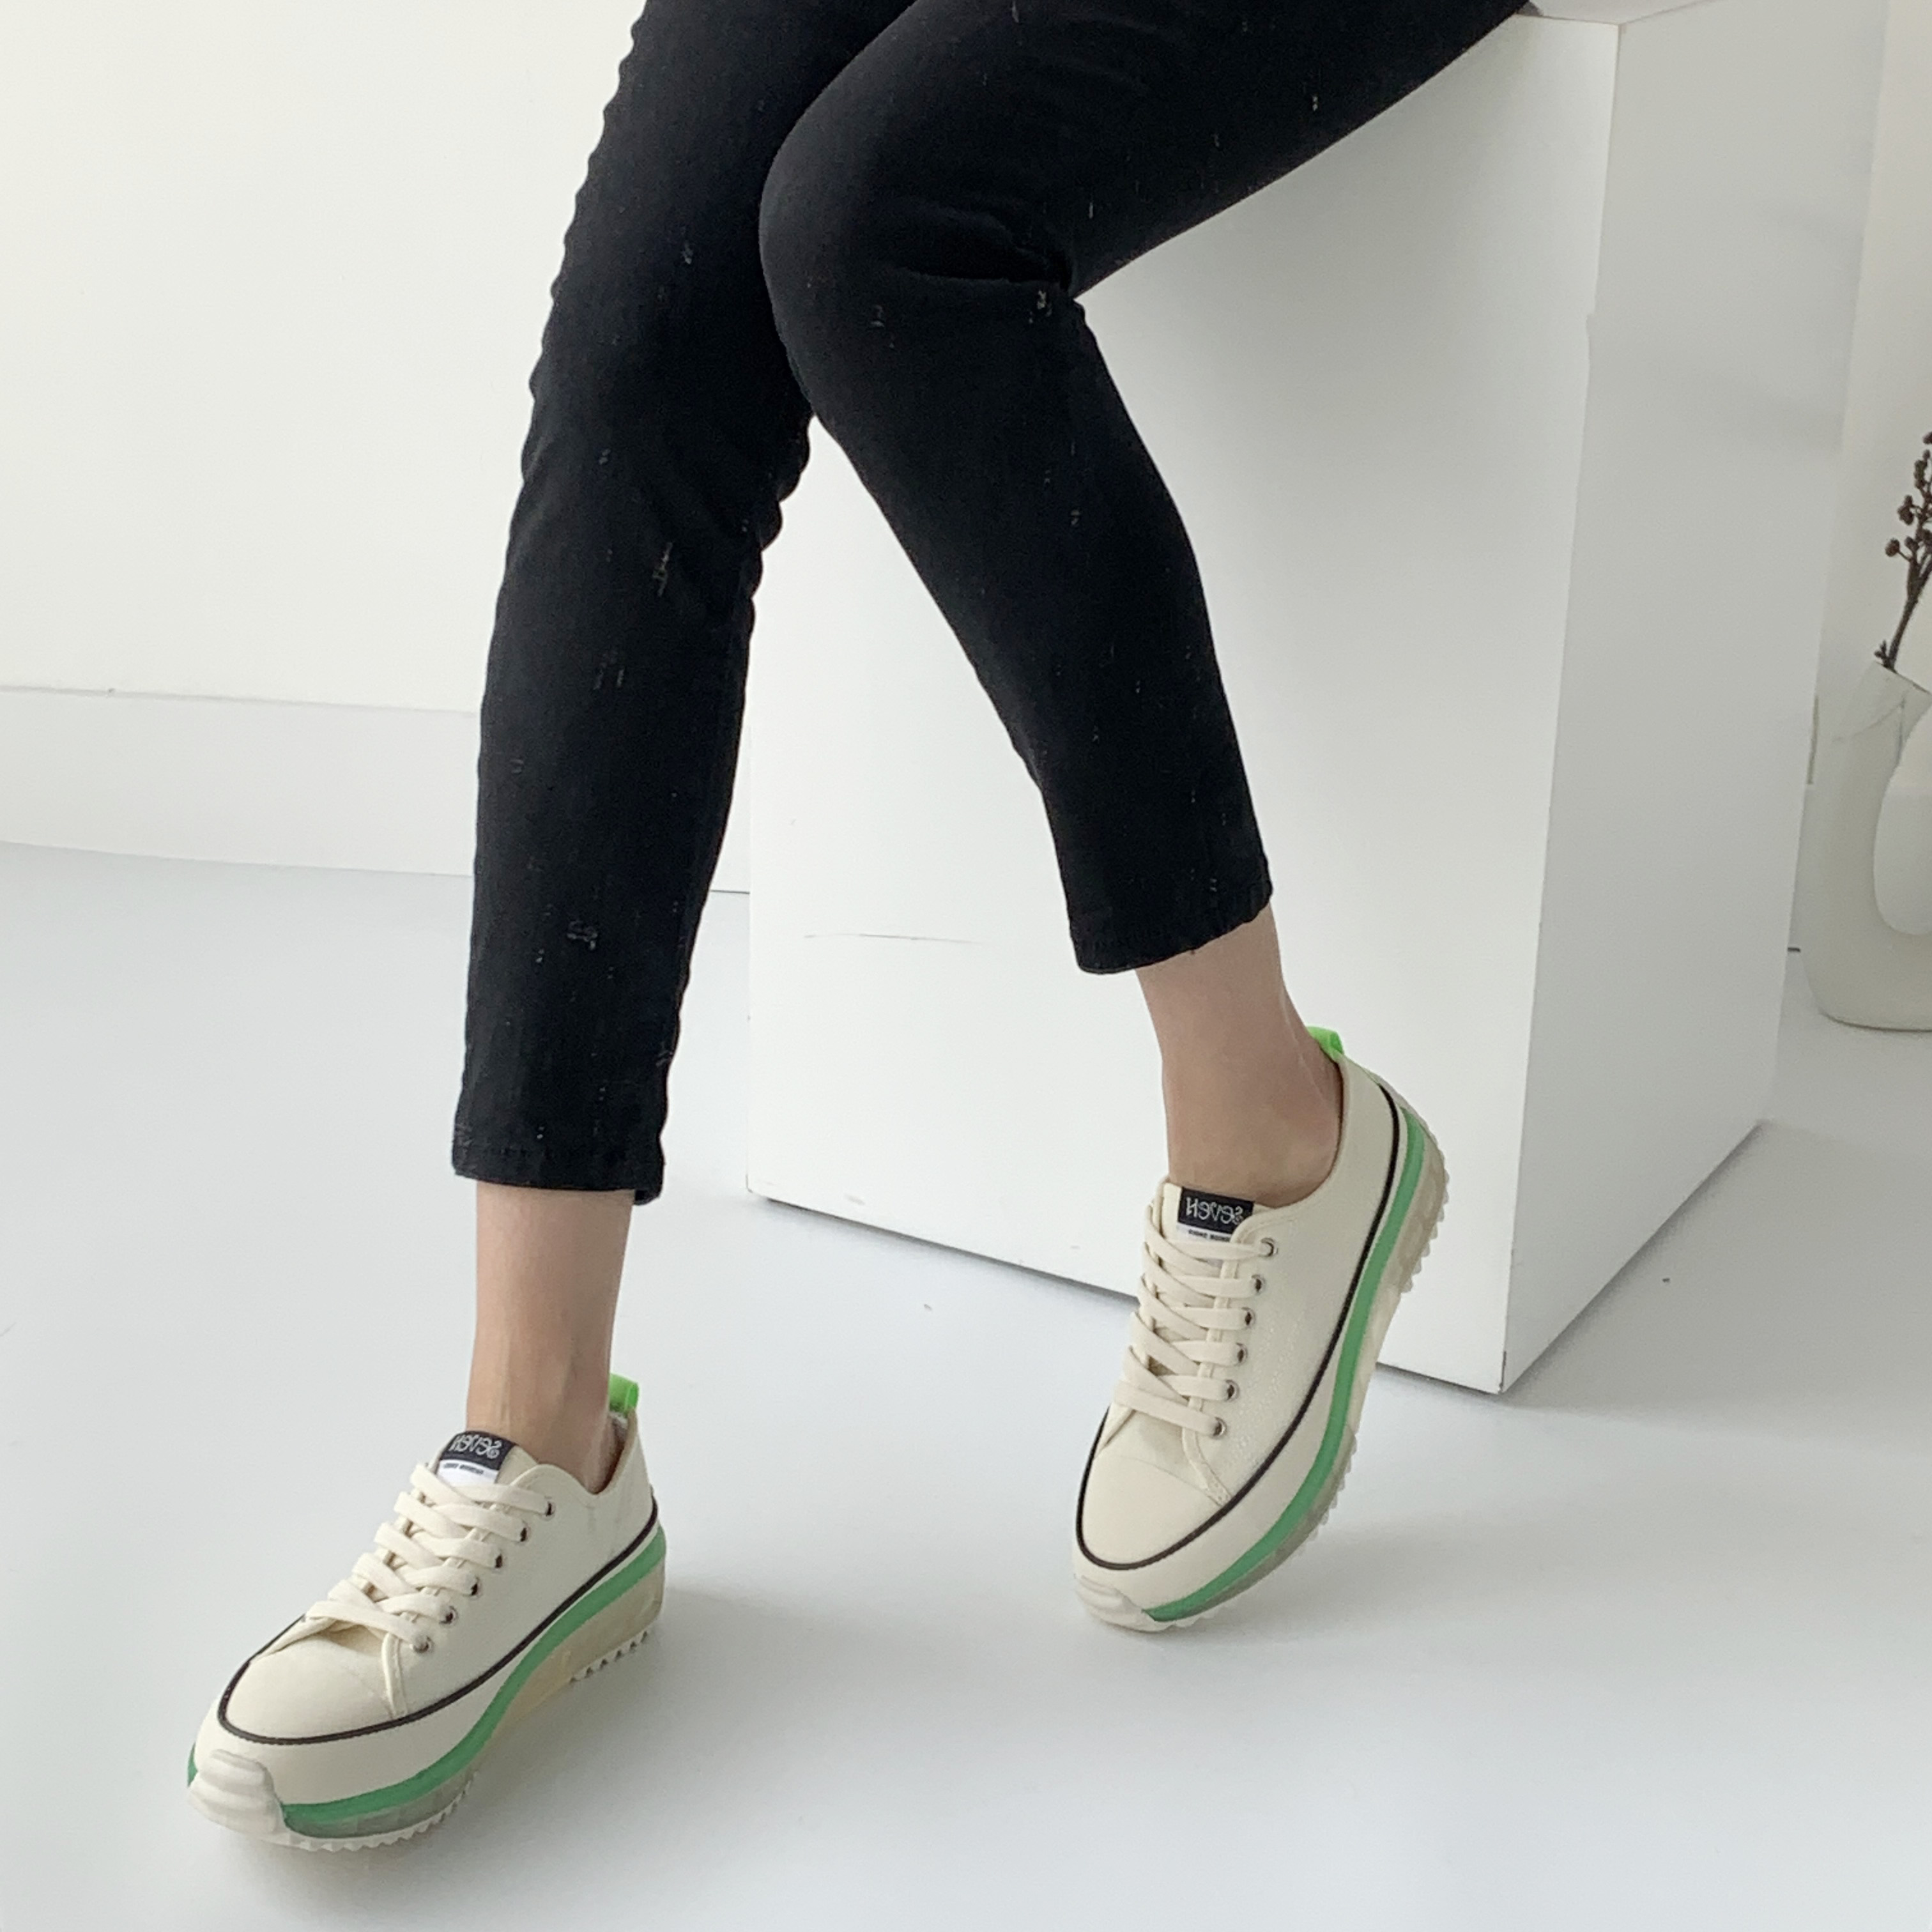 프리센스 투명 키높이 여성 스니커즈 4cm